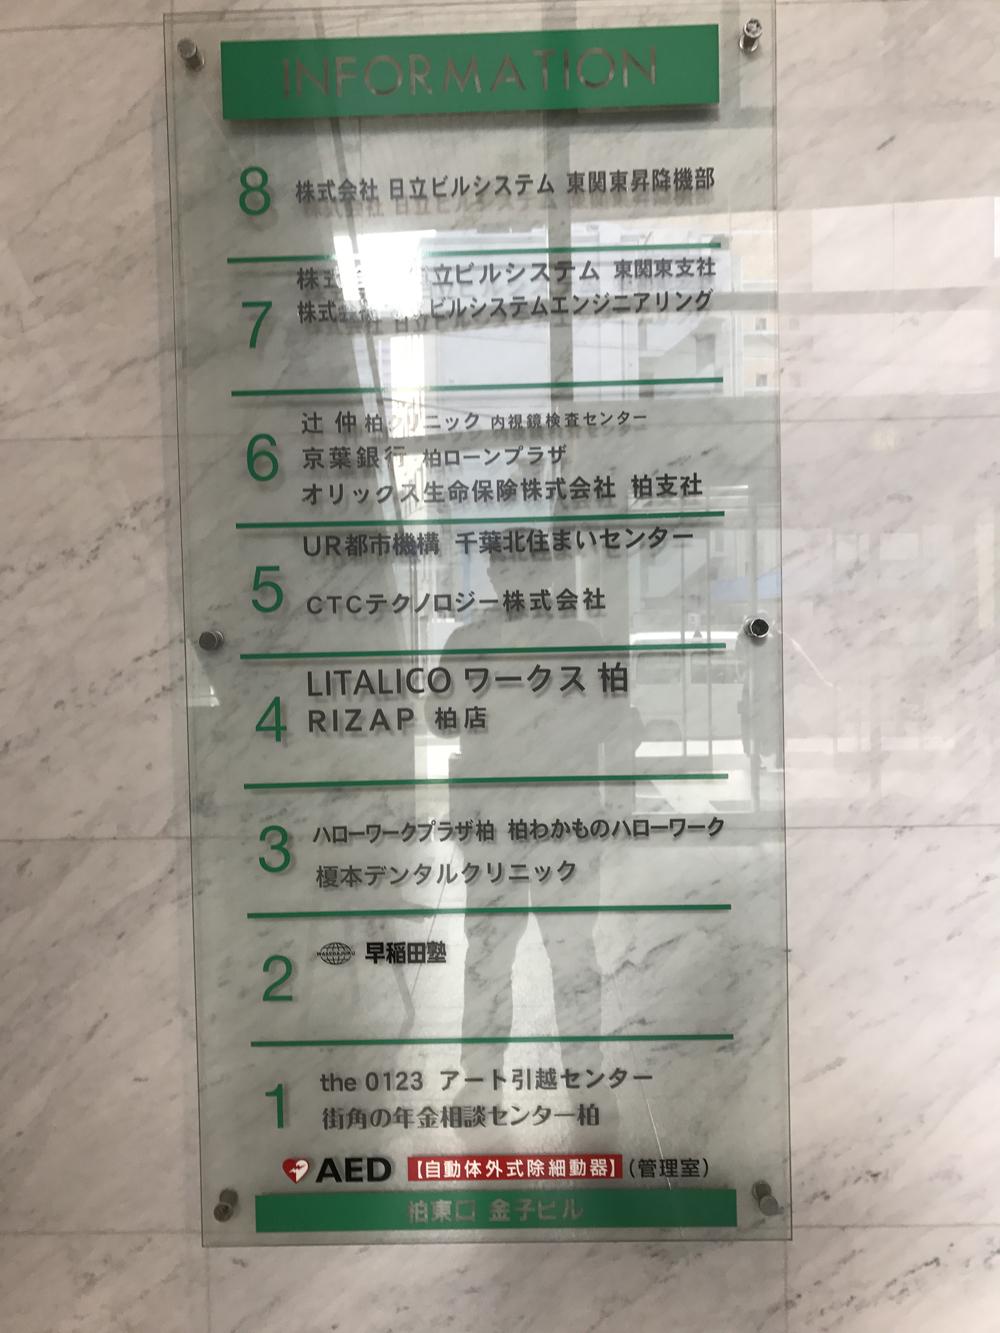 4階がライザップ柏店です。